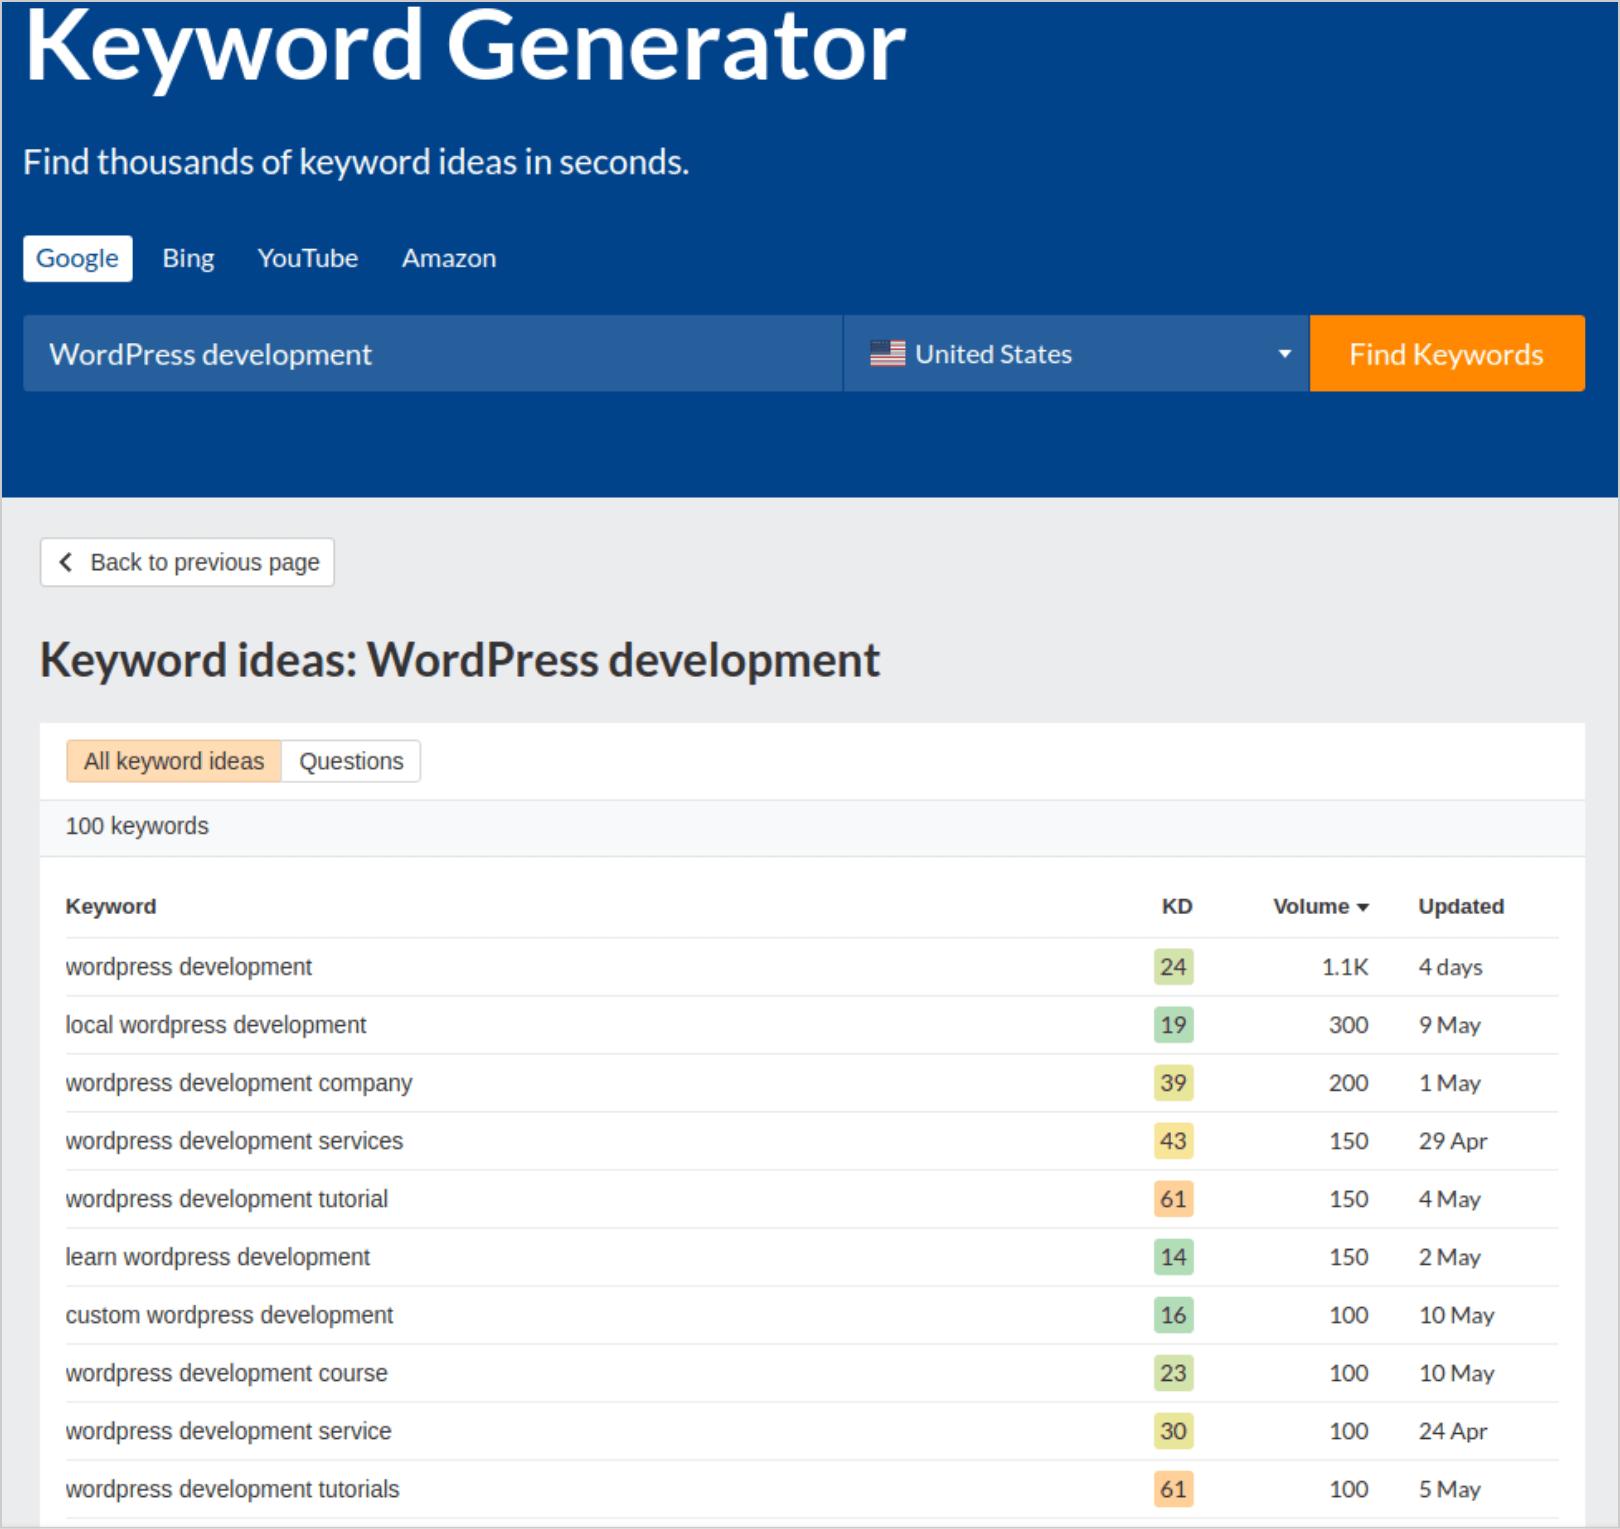 Keyword Generator, by Ahrefs